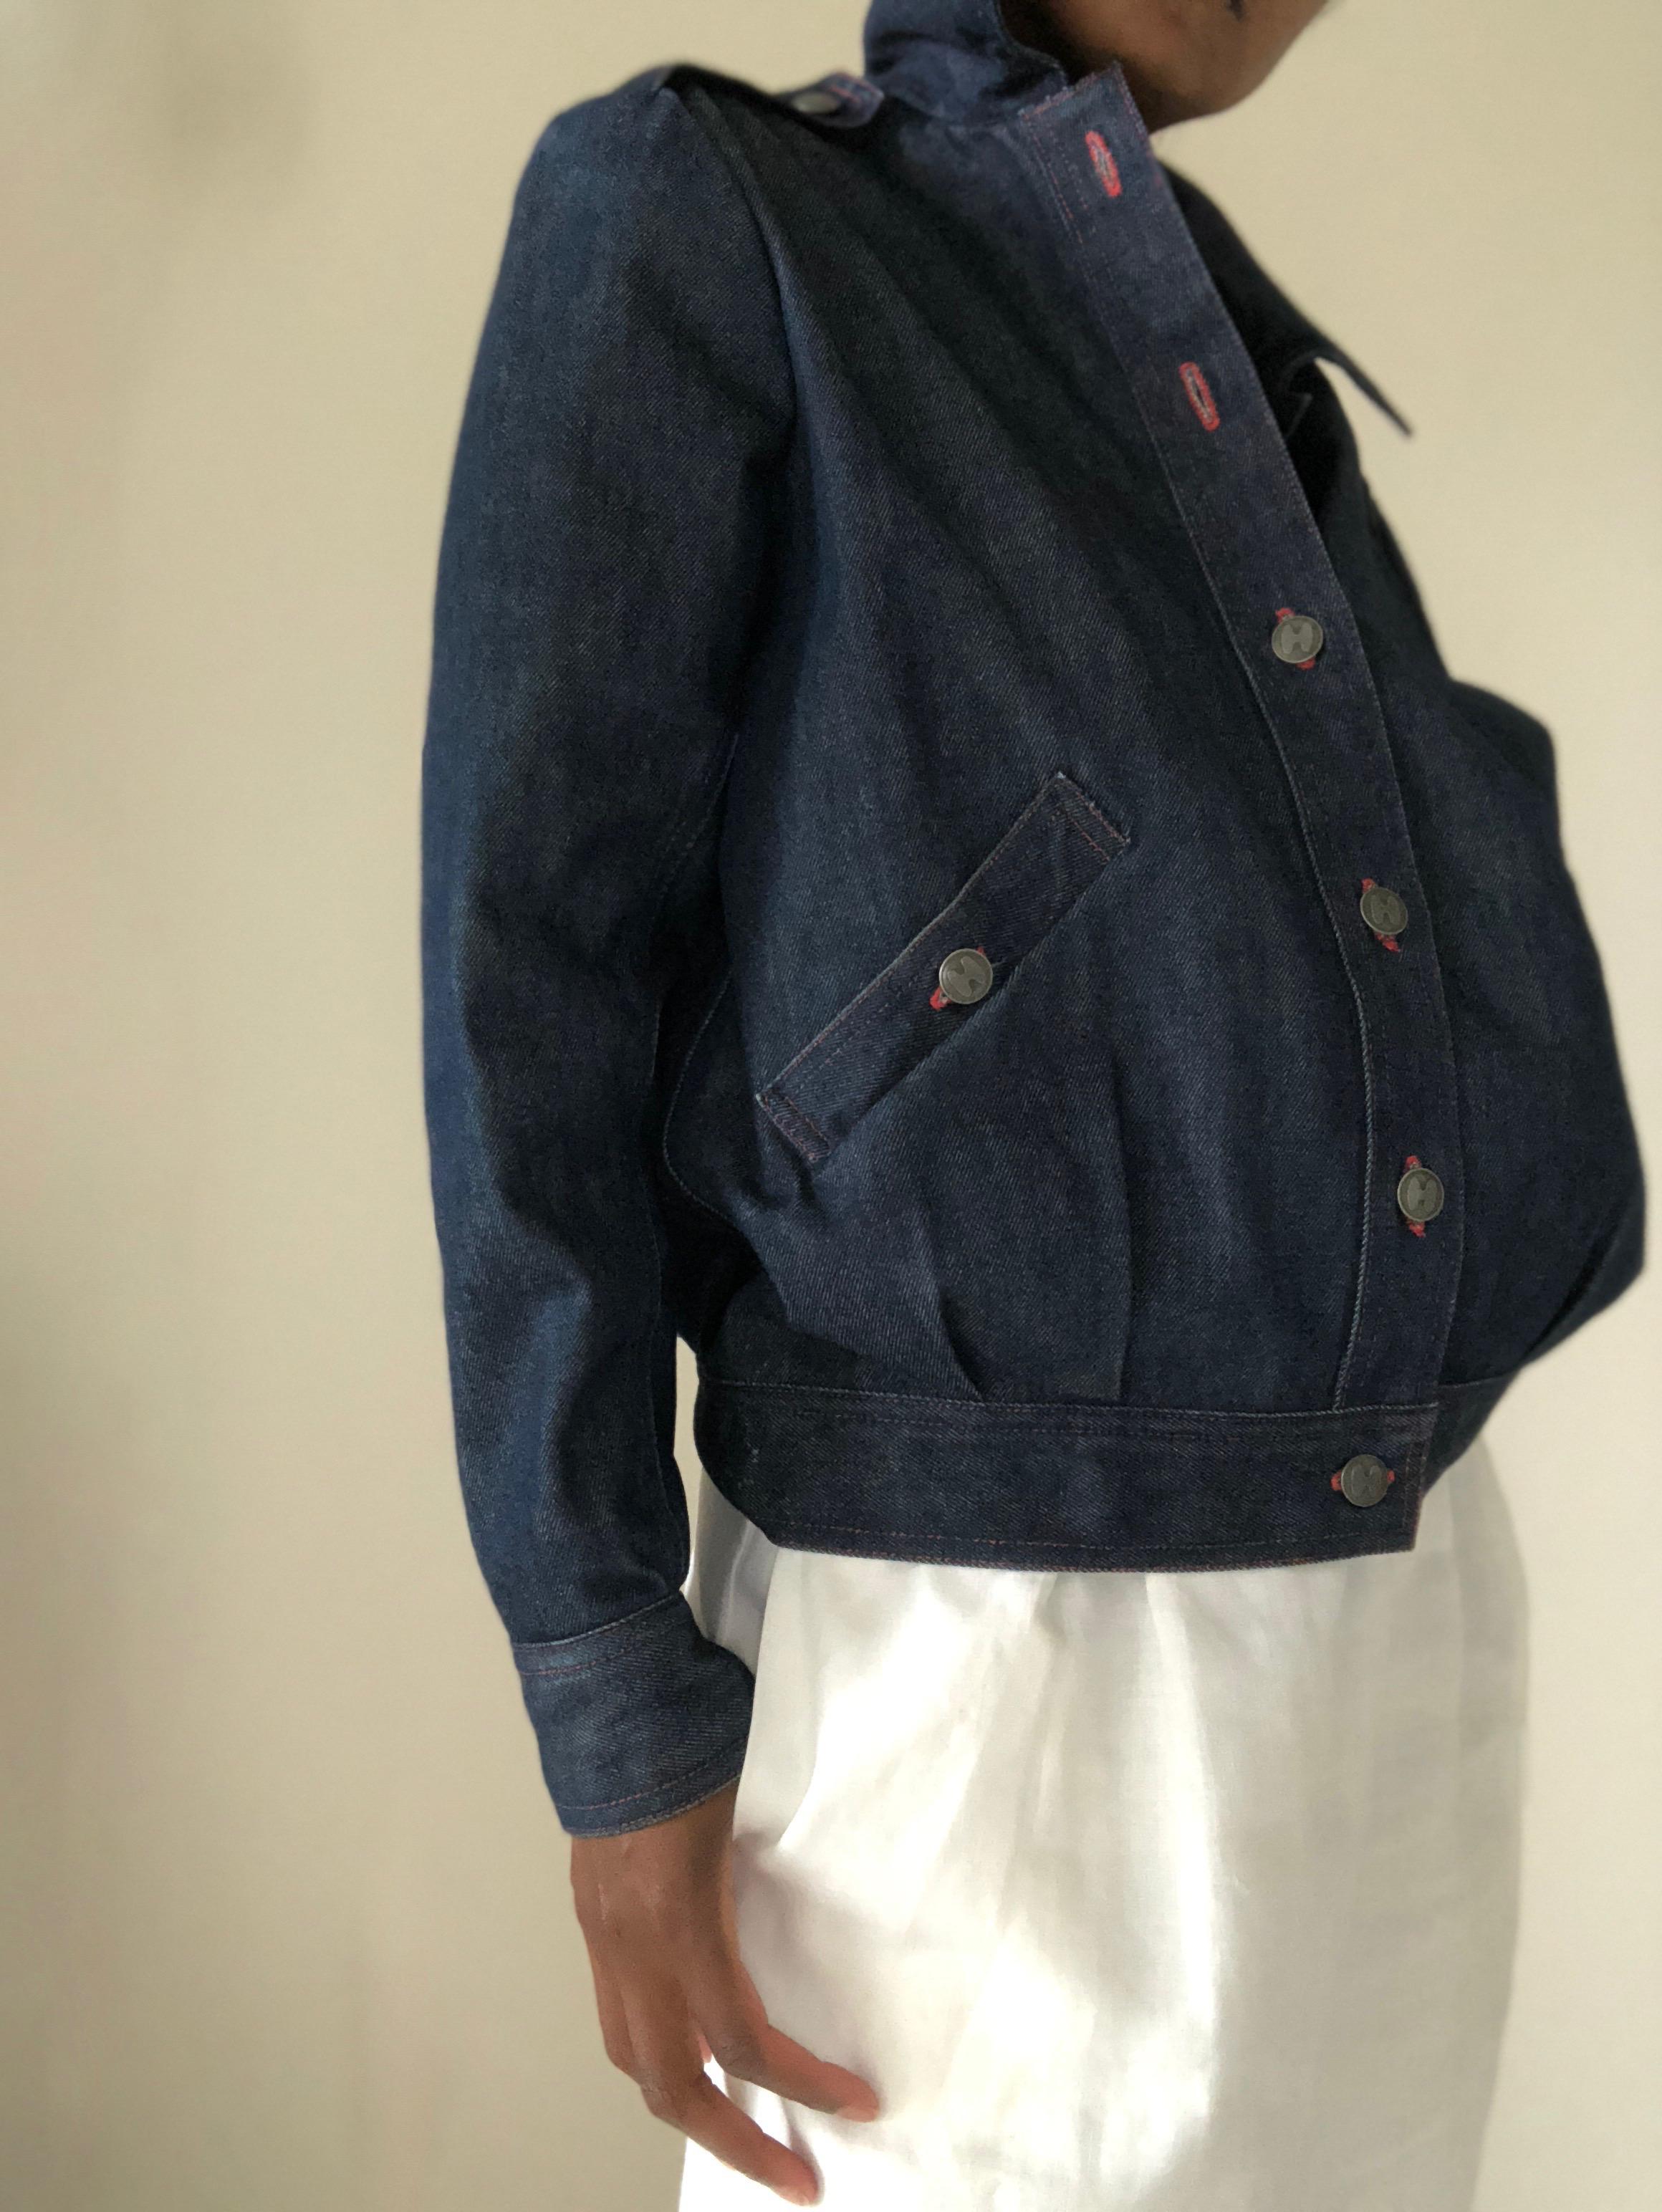 Halston dark  denim jacket  w/red stitching and  Valentino white linen skirt.